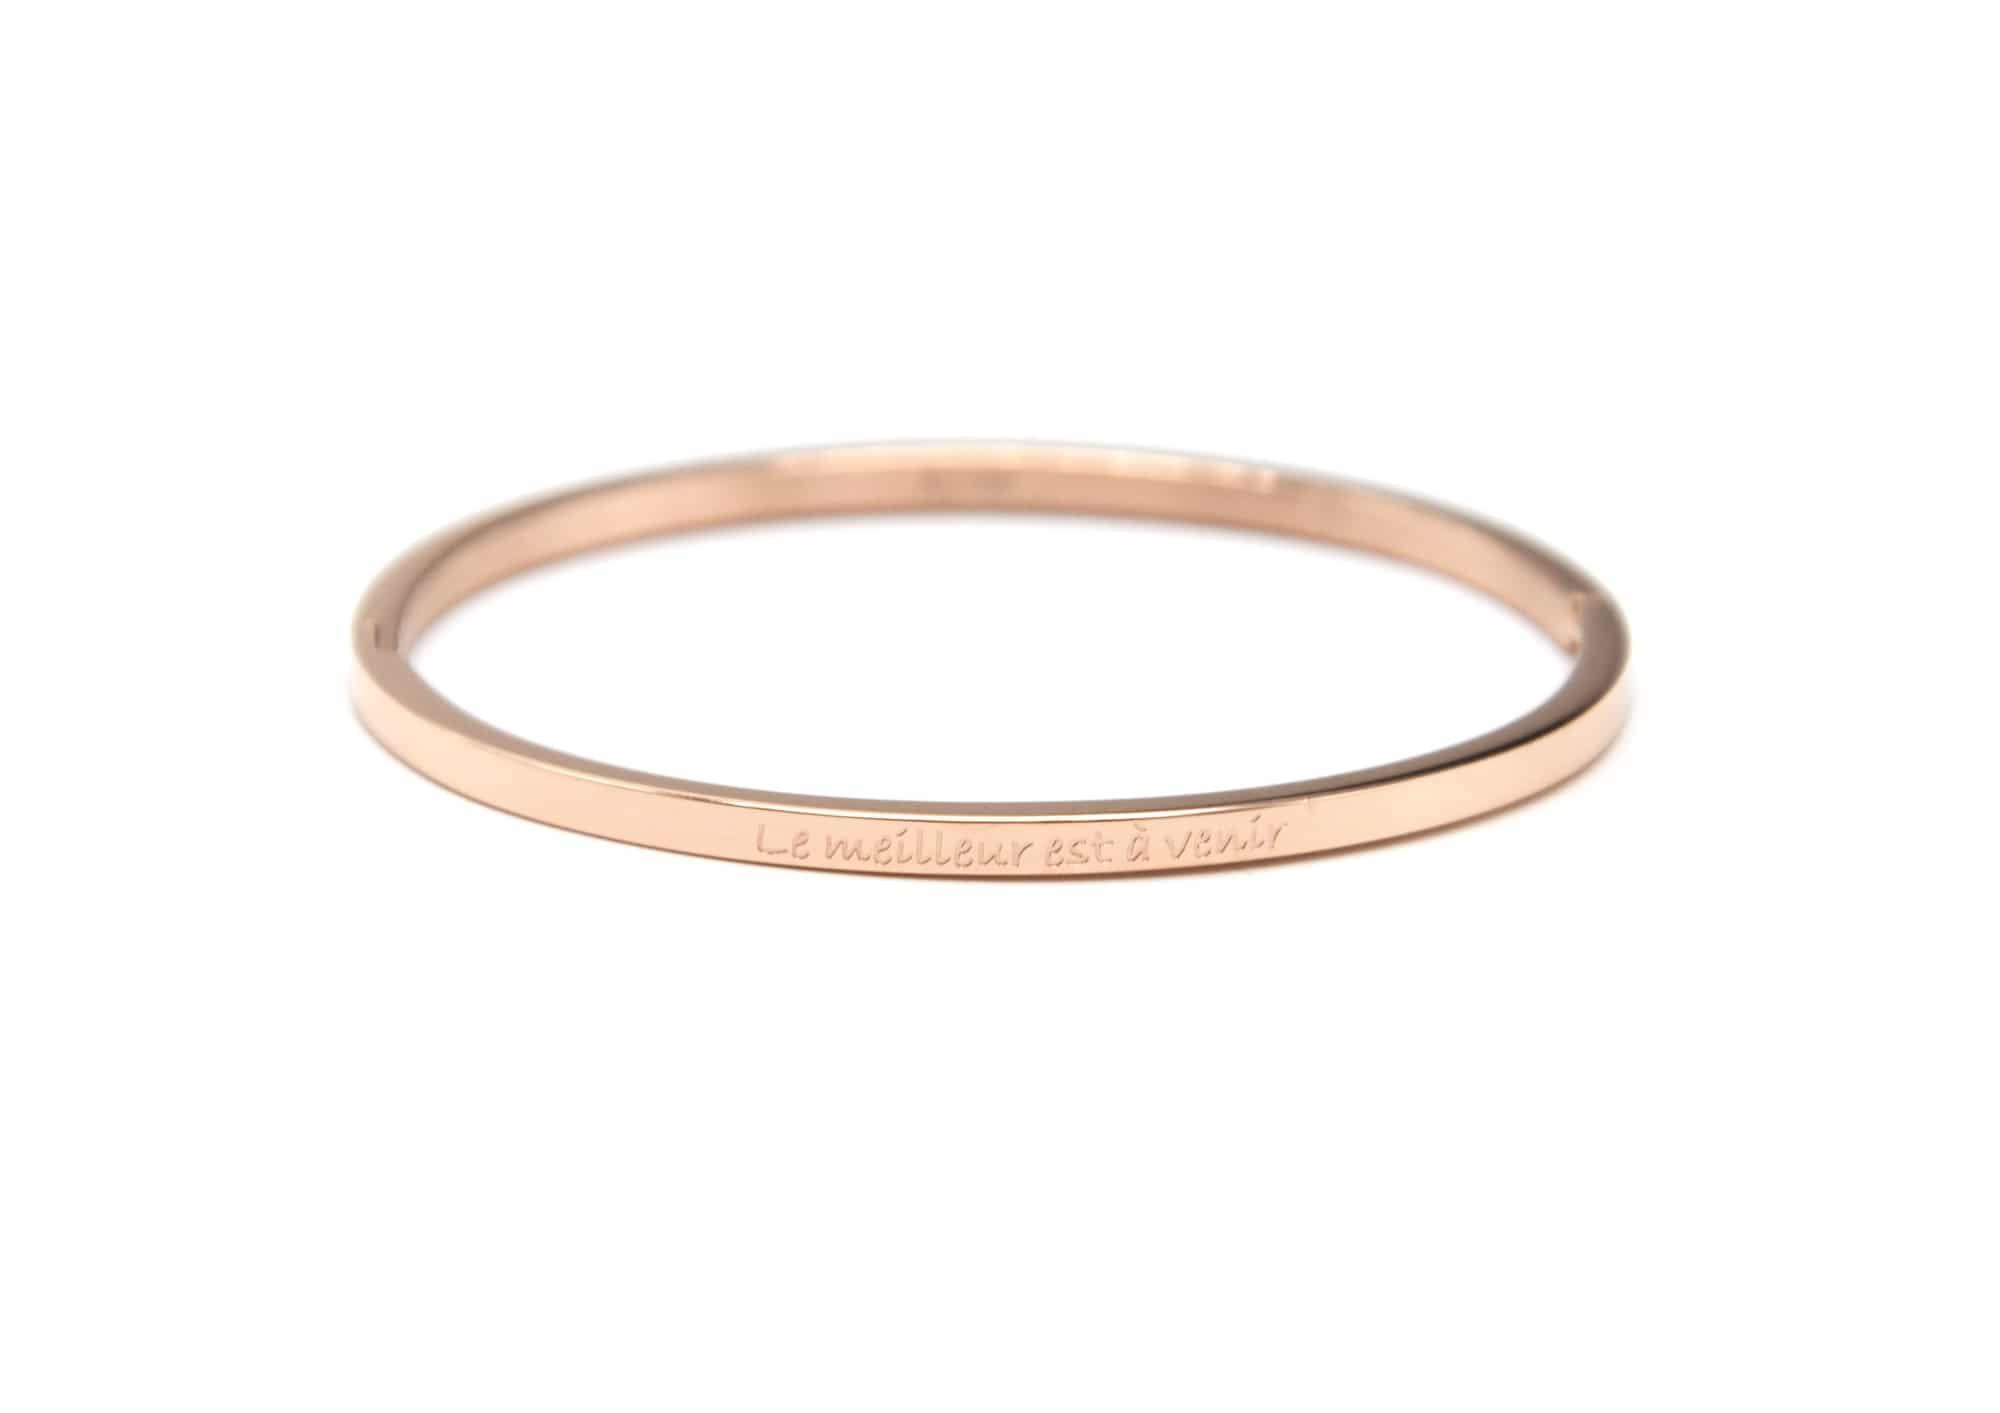 bc2299f bracelet jonc fin acier or rose avec message le meilleur est a venir oh my shop. Black Bedroom Furniture Sets. Home Design Ideas